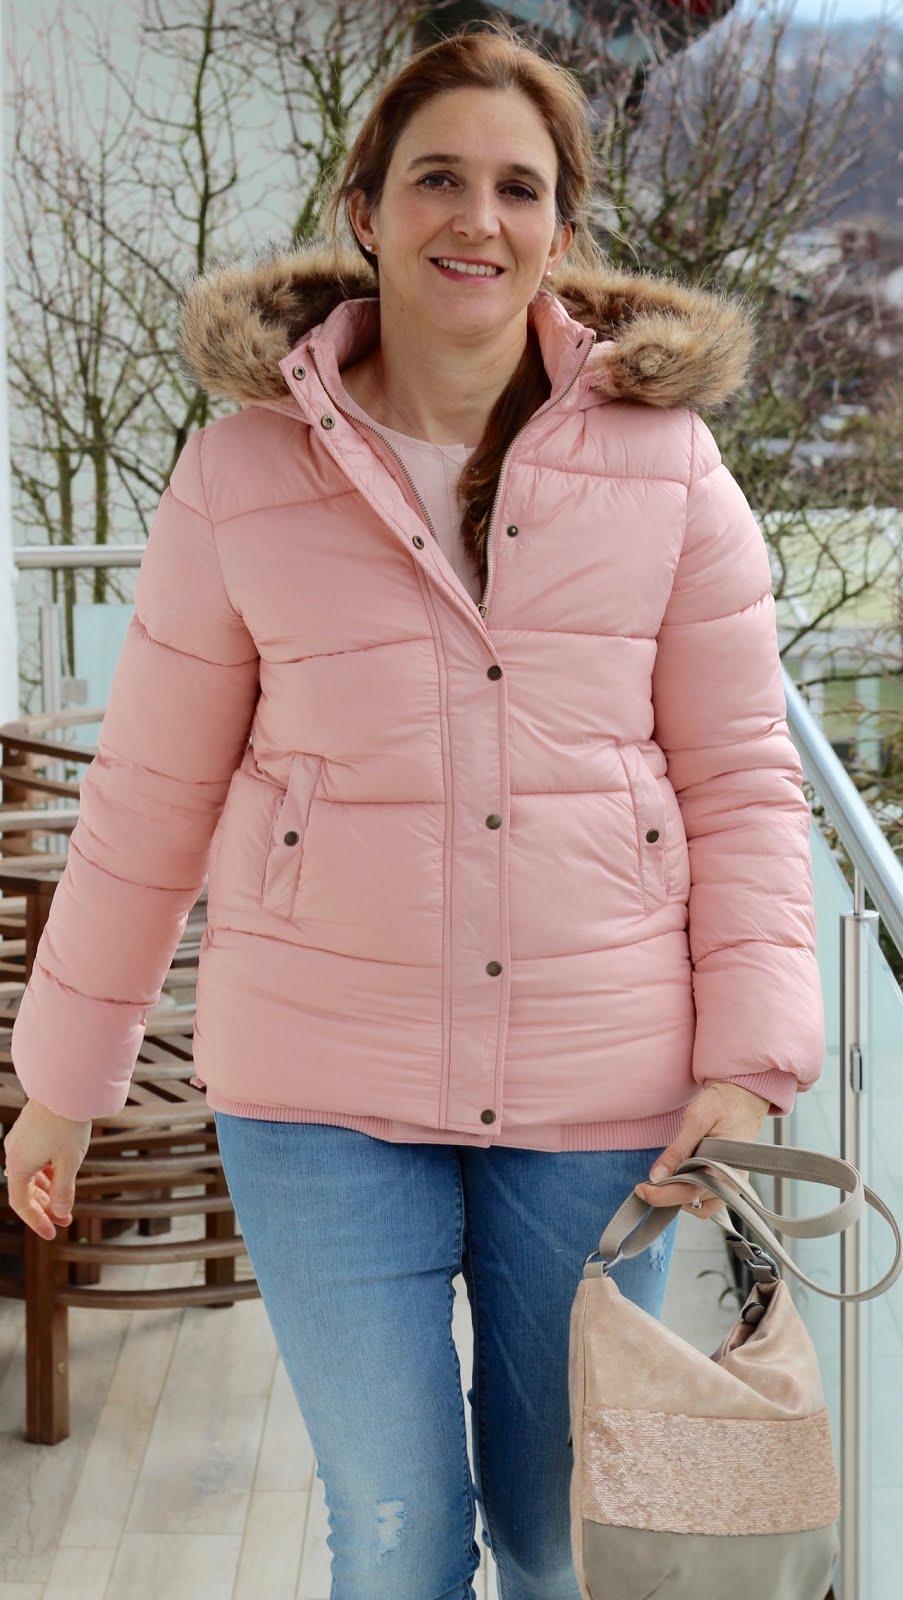 Rosa Winterjacke von Review - so kuschelig und super schön leicht und warm!